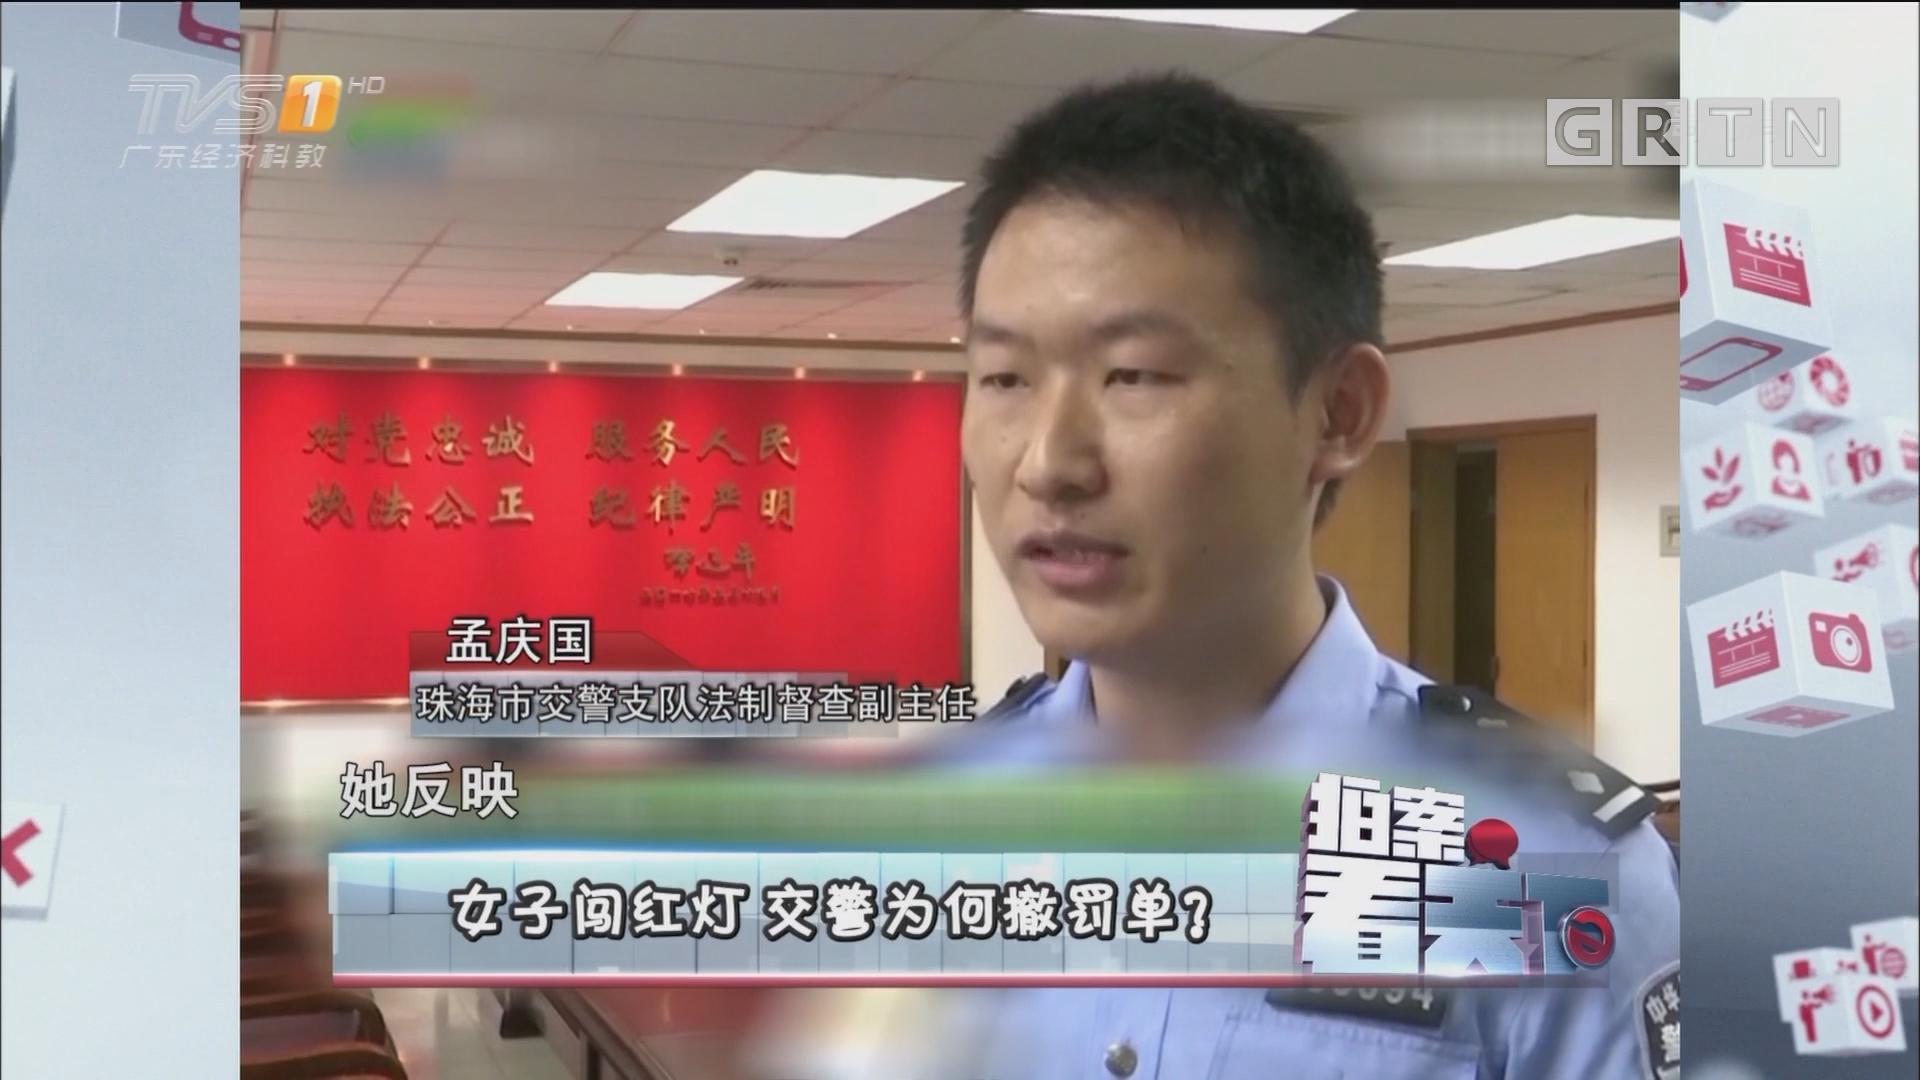 [HD][2017-09-14]拍案看天下:女子闯红灯 交警为何撤罚单?